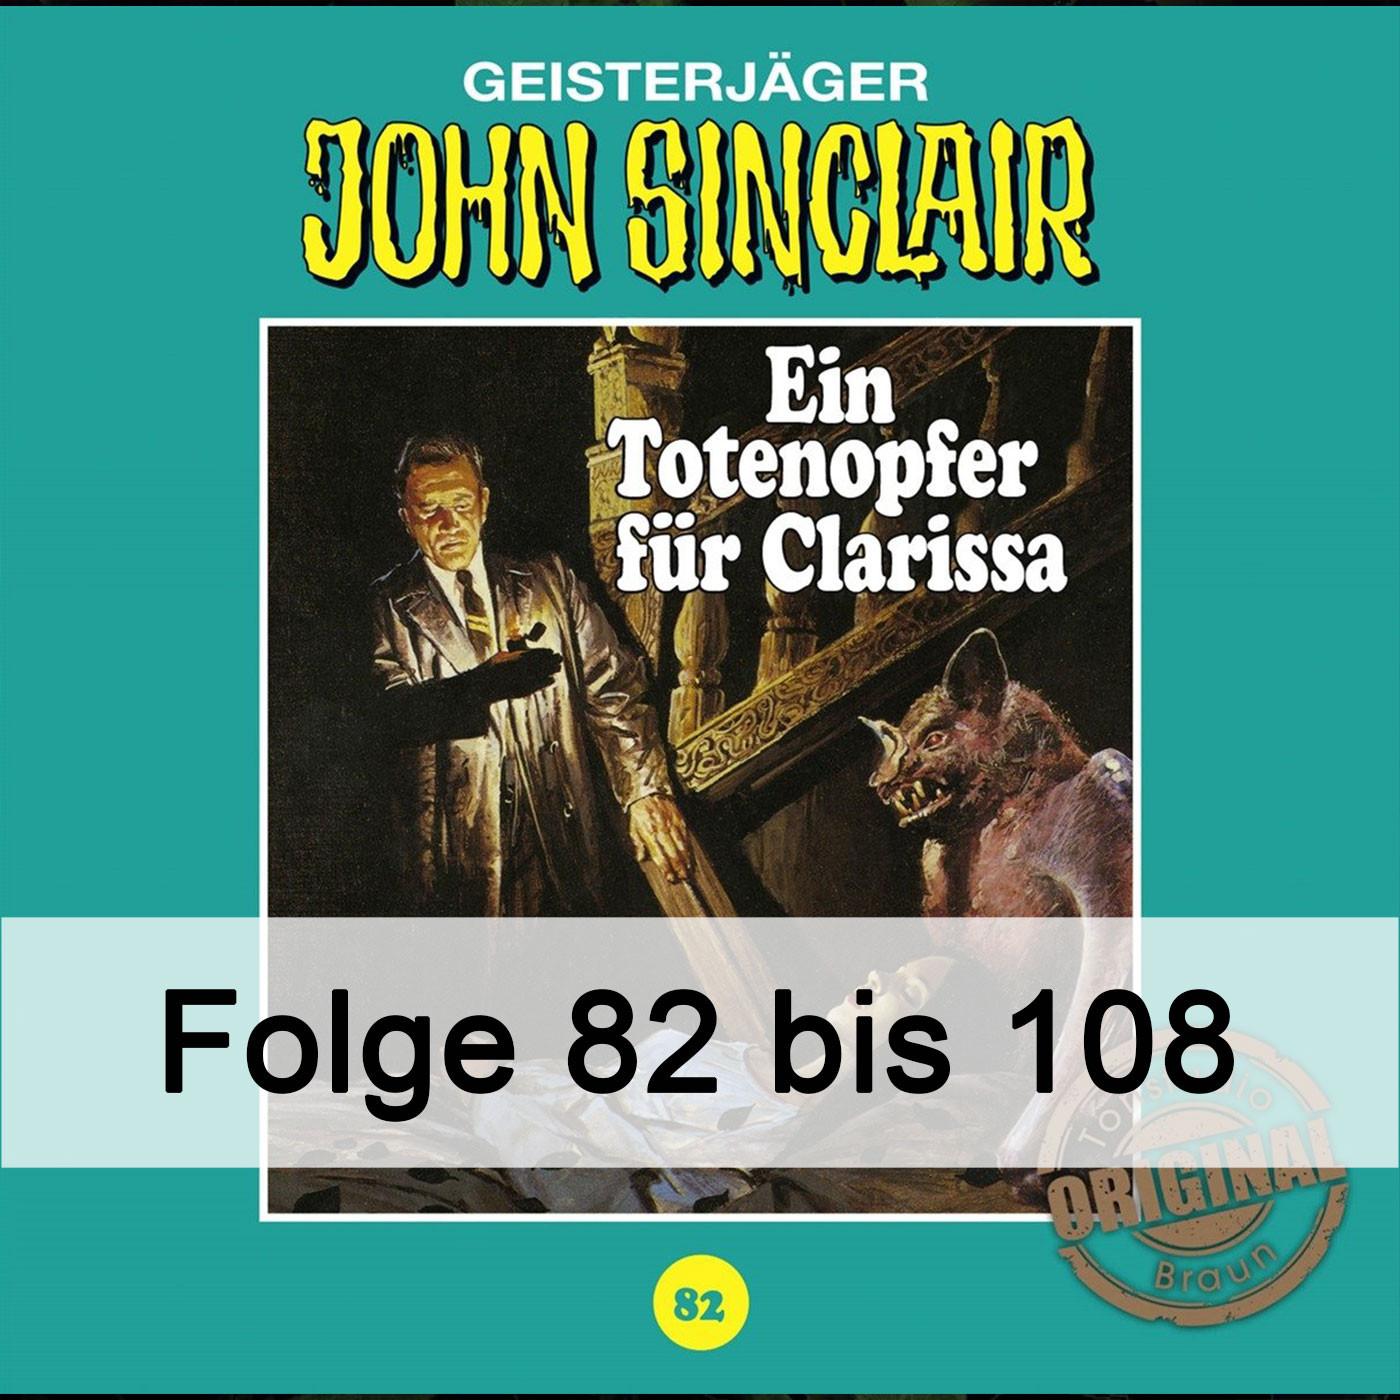 John Sinclair Tonstudio Braun - Paket - Folge 82 bis 108